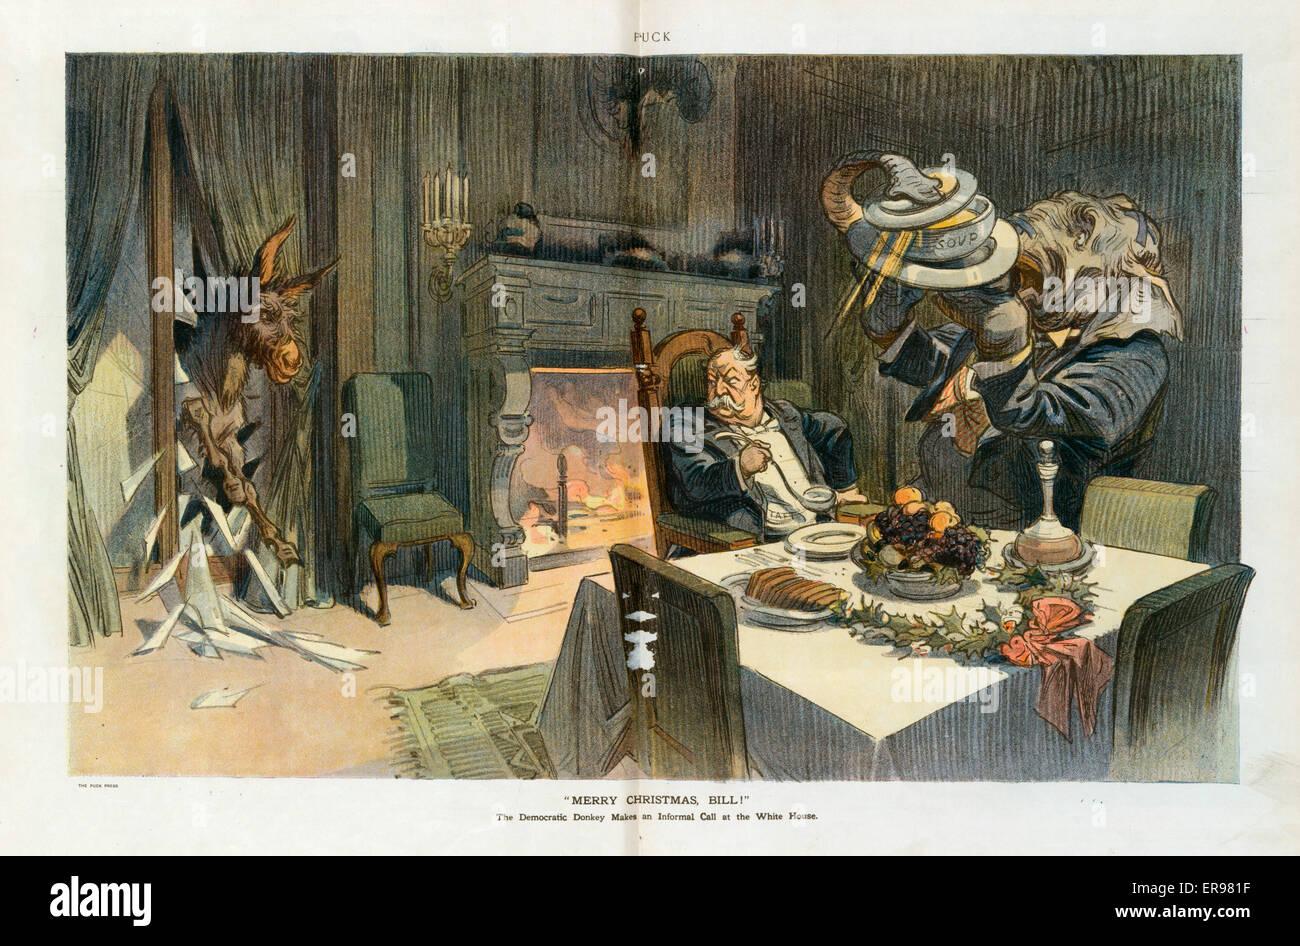 Merry Christmas, Bill!. Illustration shows lame duck president William H. Taft having Christmas dinner at the White - Stock Image